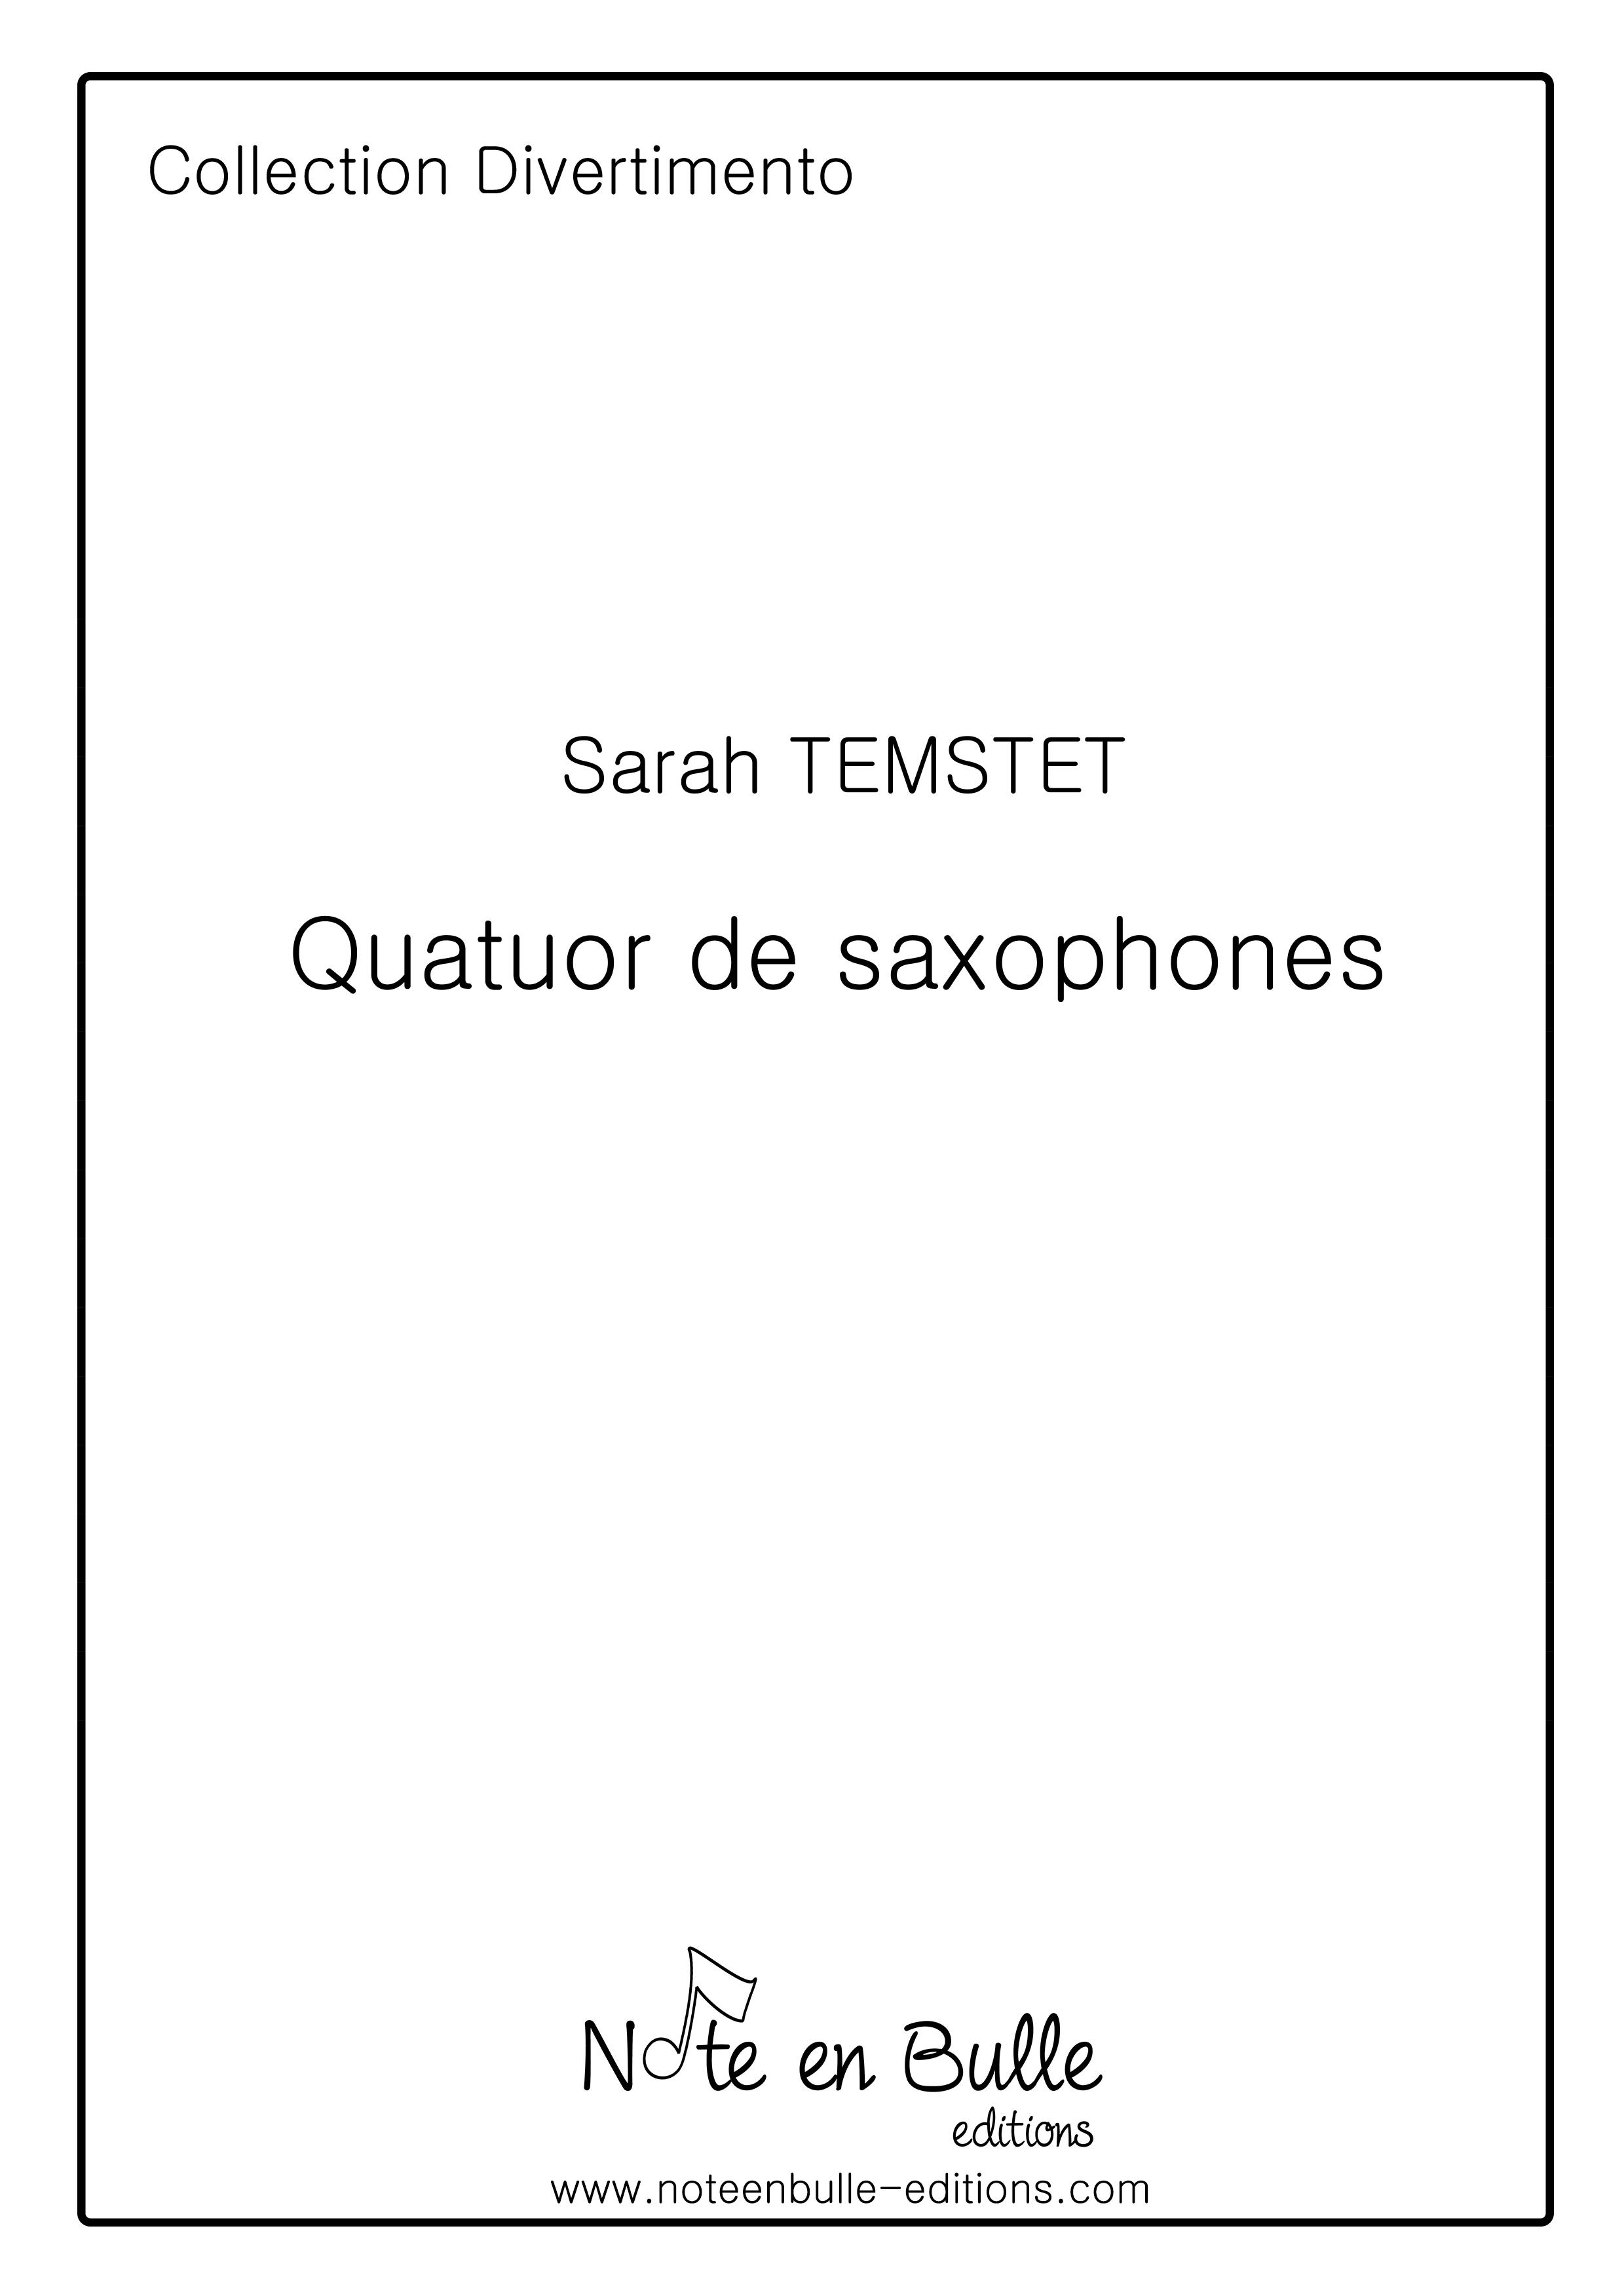 4sax_S-Temstet_COVER.jpg